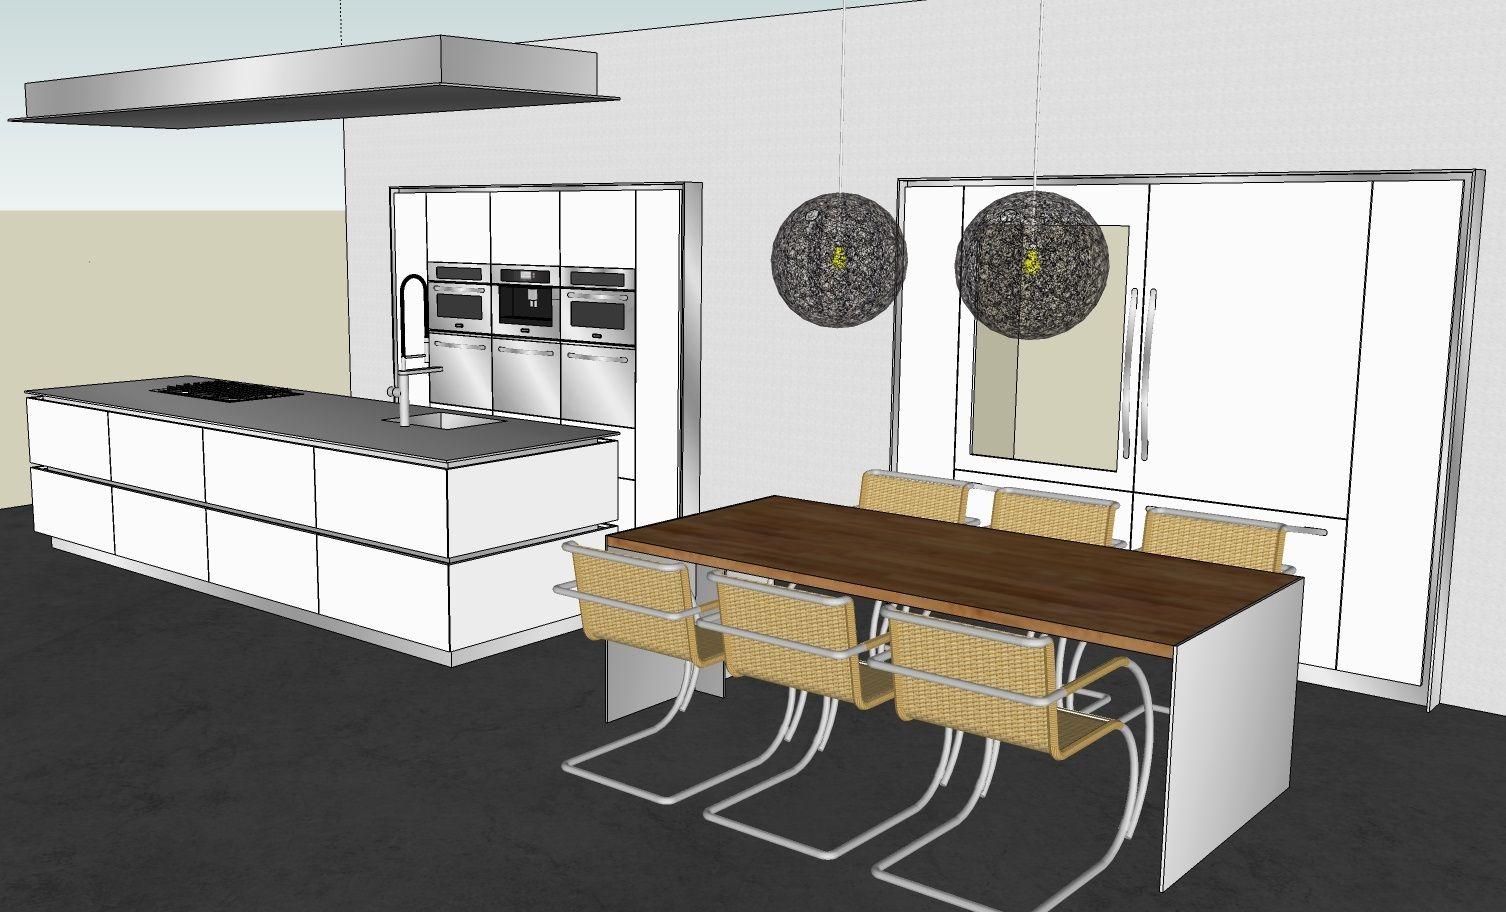 Keuken Plint Monteren : Showroomuitverkoop.nl